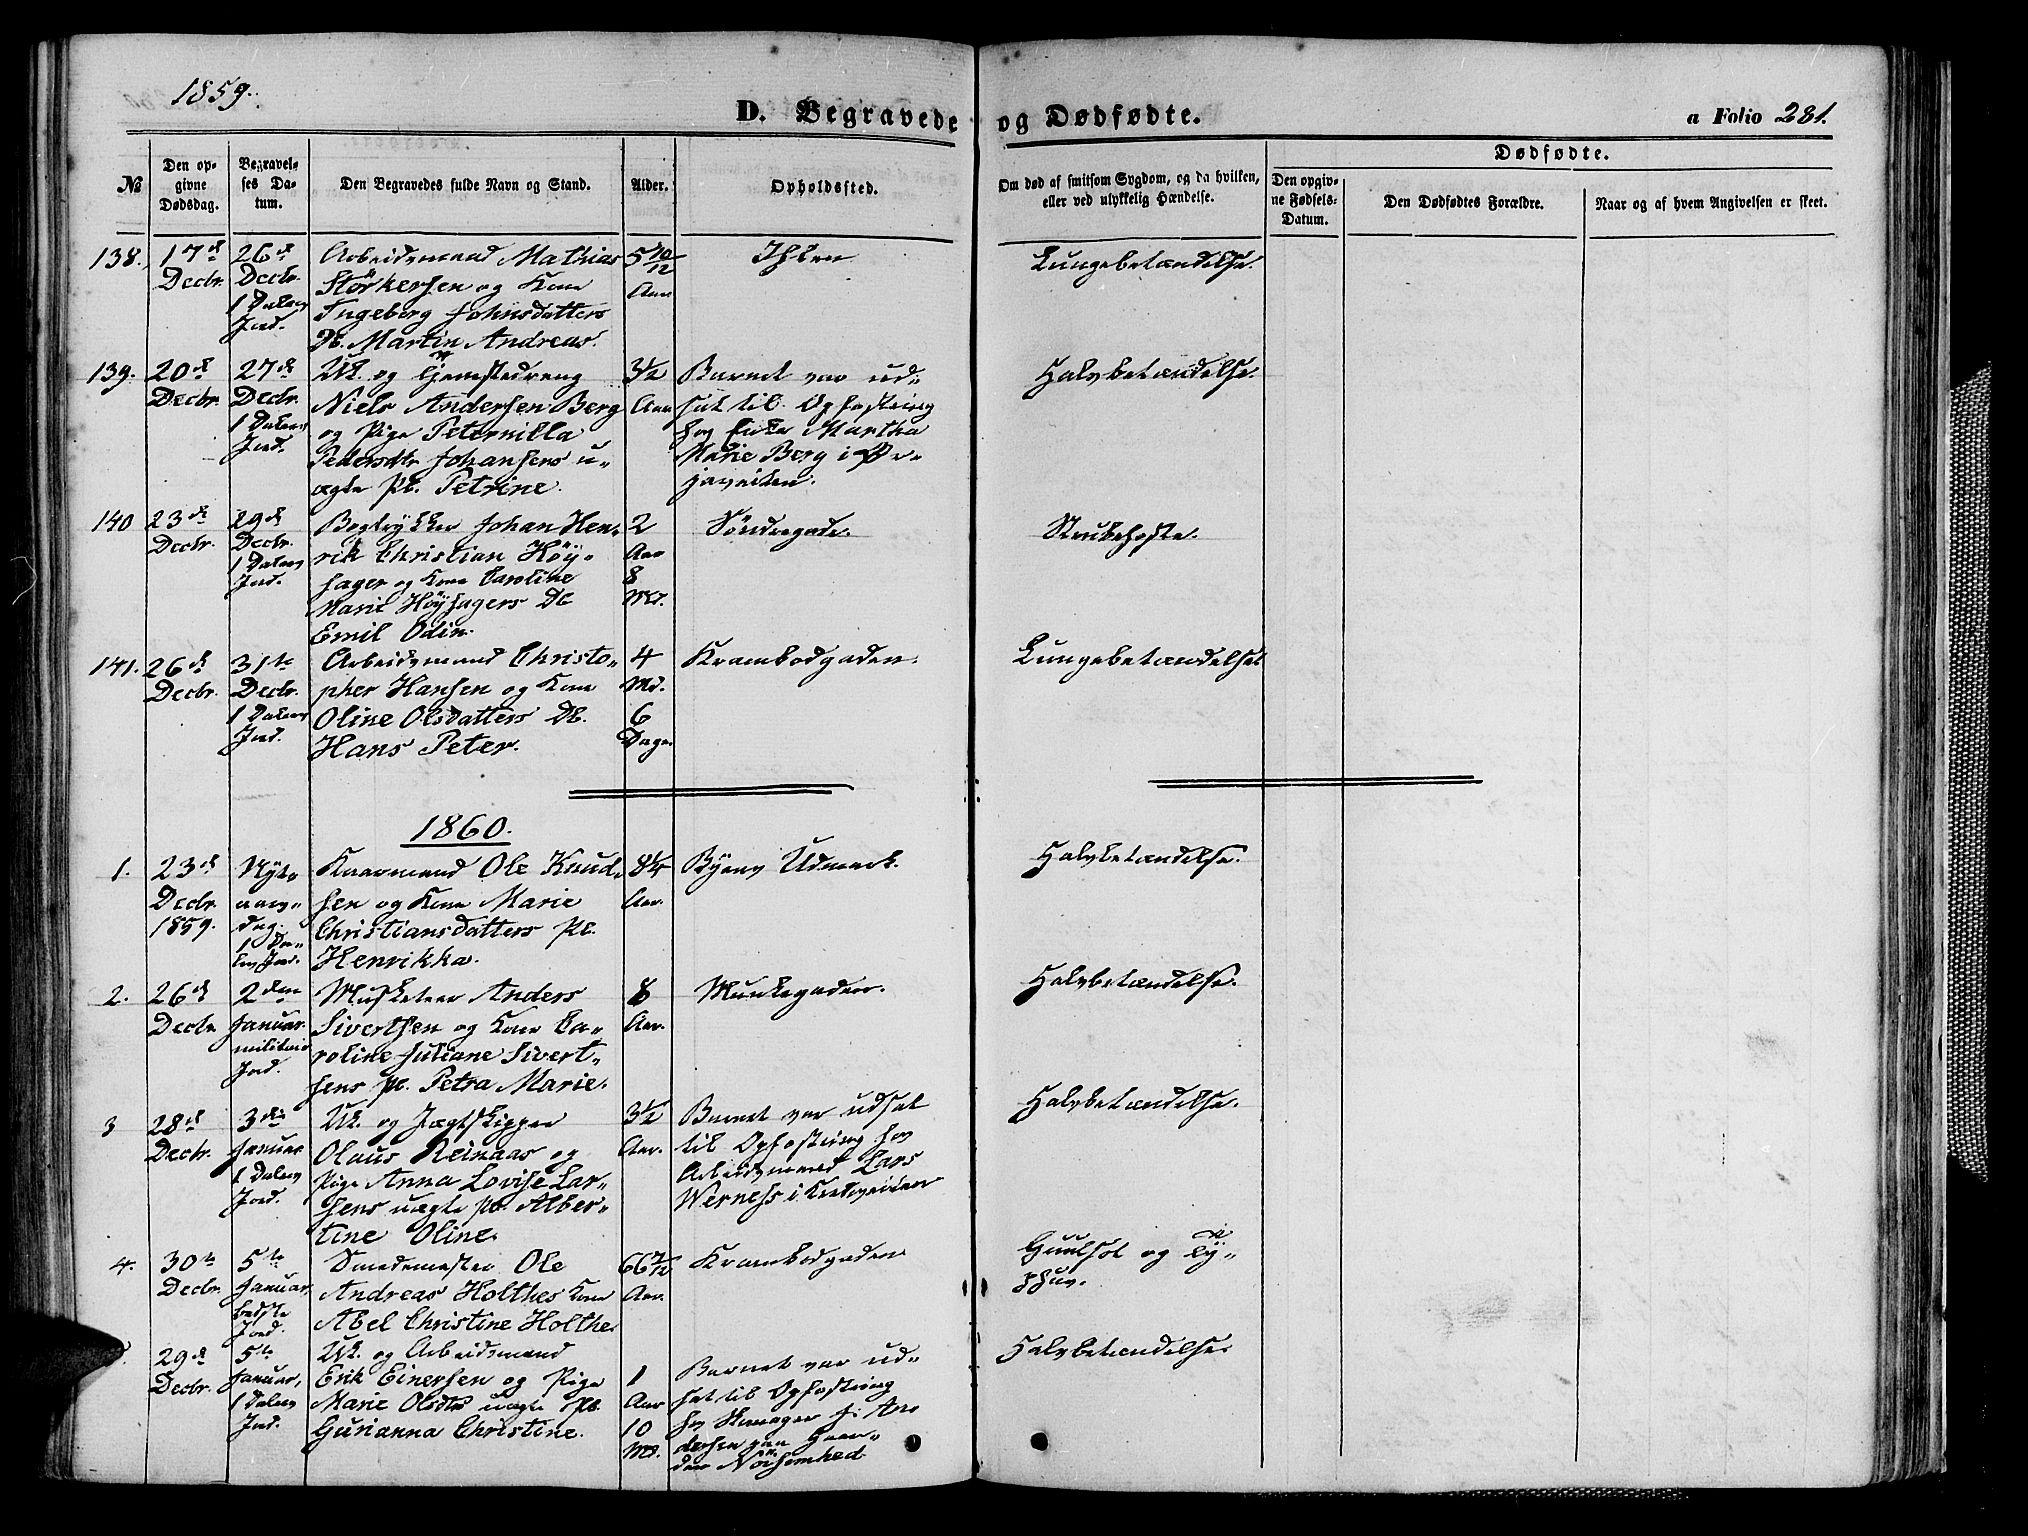 SAT, Ministerialprotokoller, klokkerbøker og fødselsregistre - Sør-Trøndelag, 602/L0139: Klokkerbok nr. 602C07, 1859-1864, s. 281